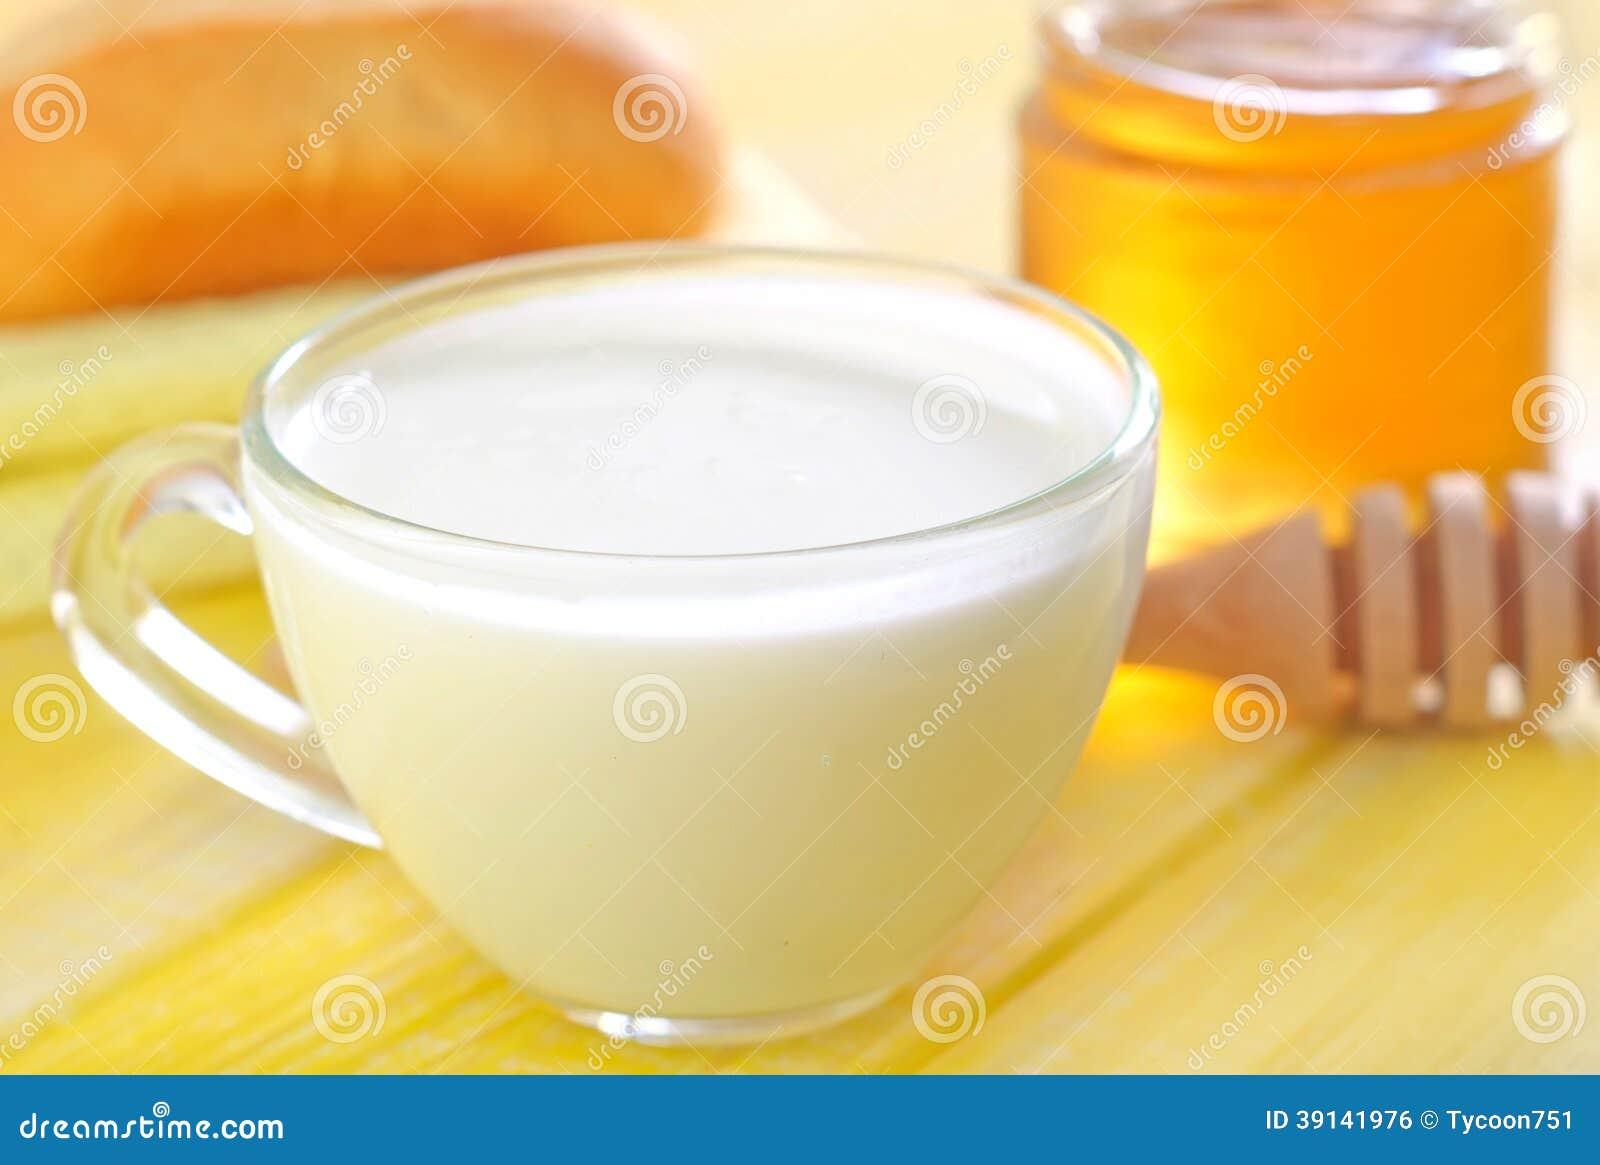 Как сделать тёплое молоко с маслом